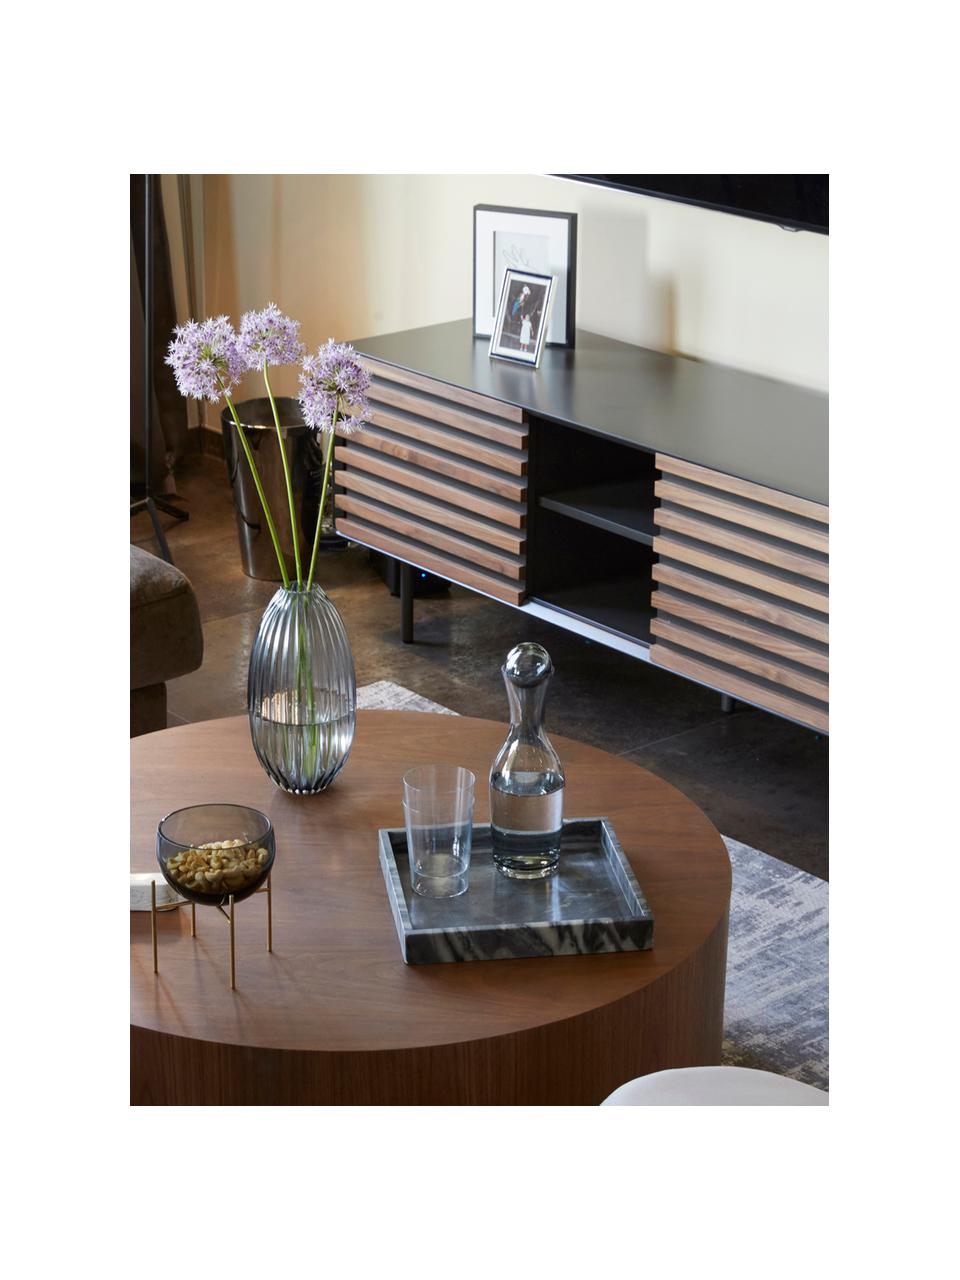 TV-Lowboard Kesia mit Türen aus Walnussfurnier, Graphit, Walnussholz, 162 x 58 cm